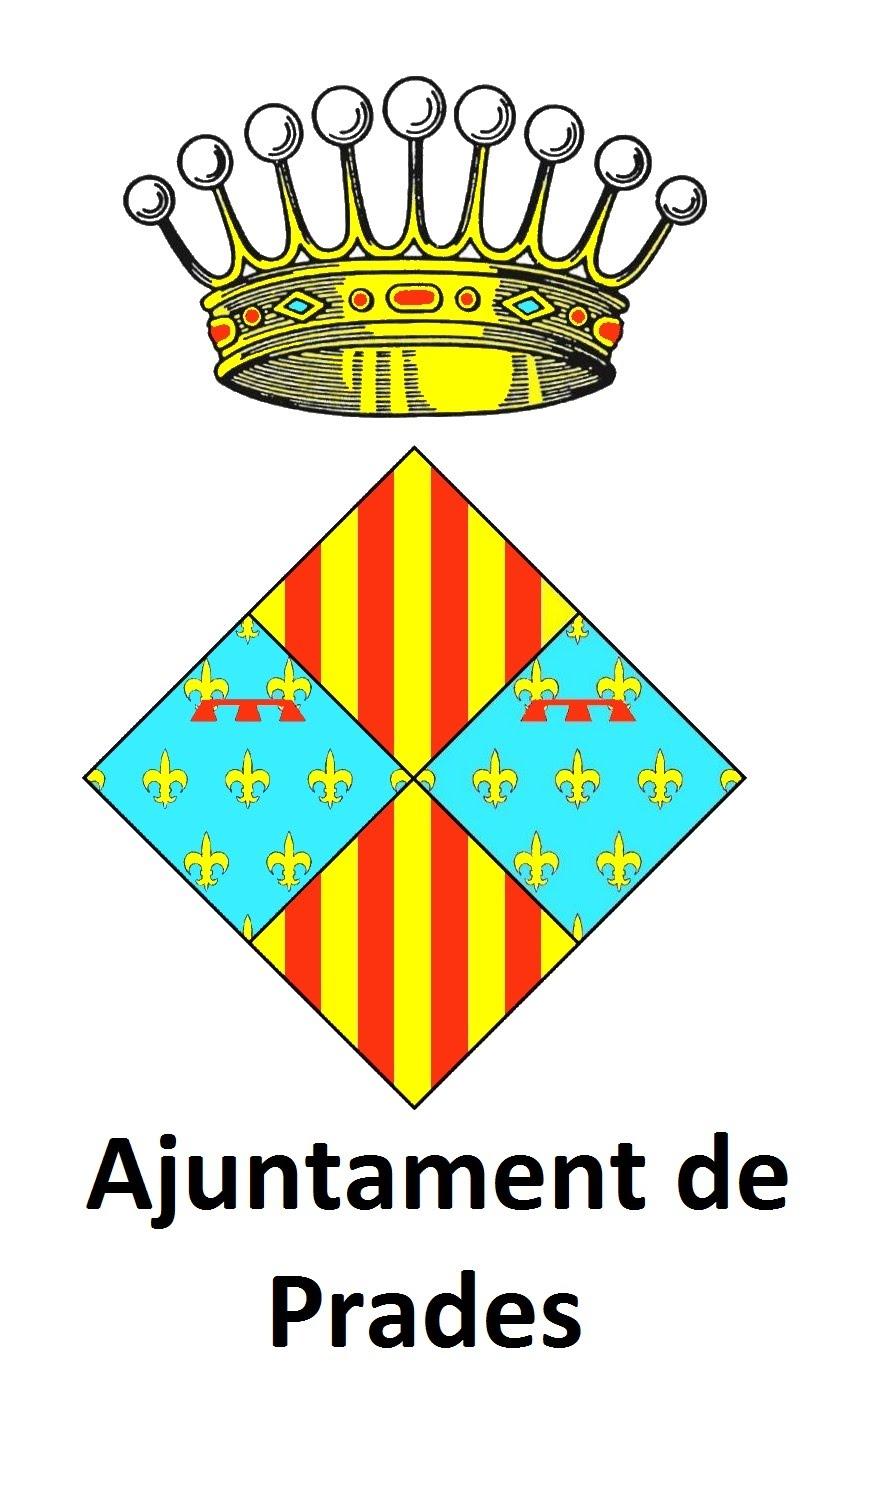 Ajuntaments